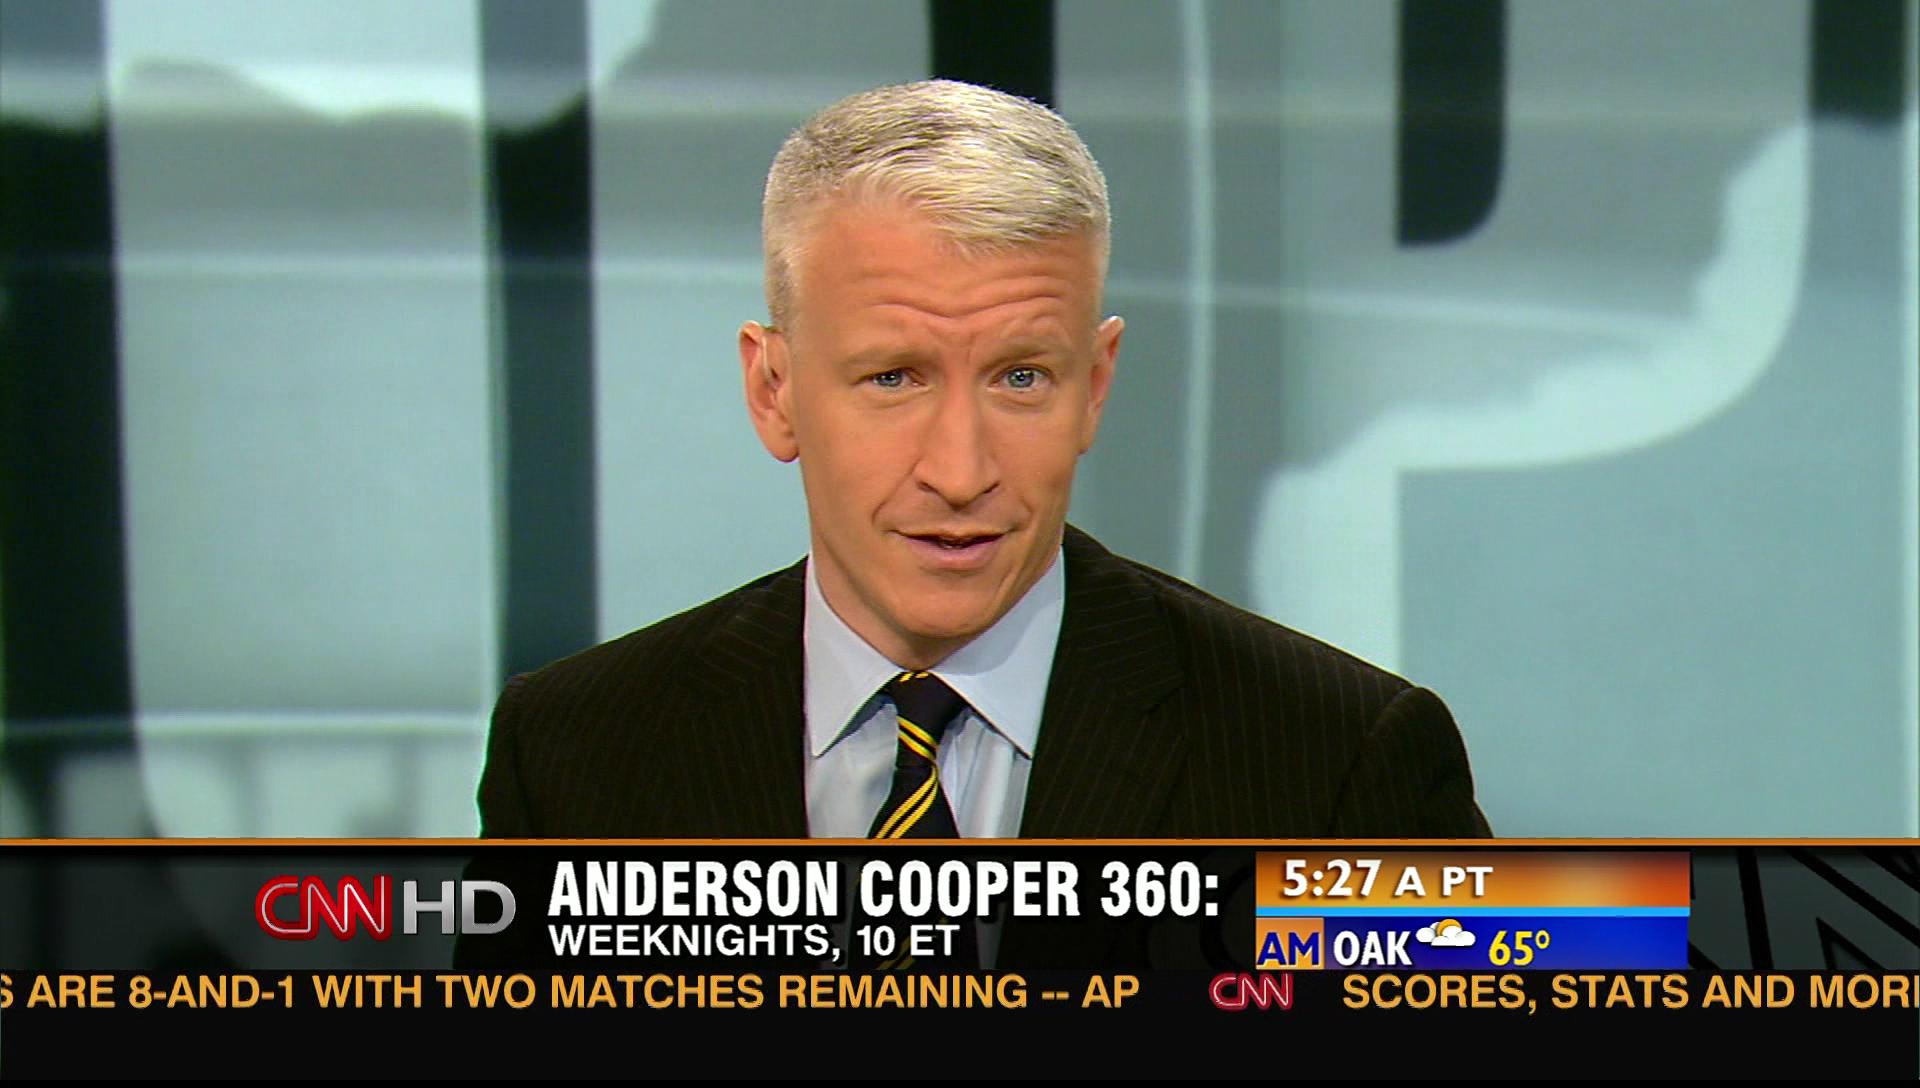 Anderson Cooper 360 CNN